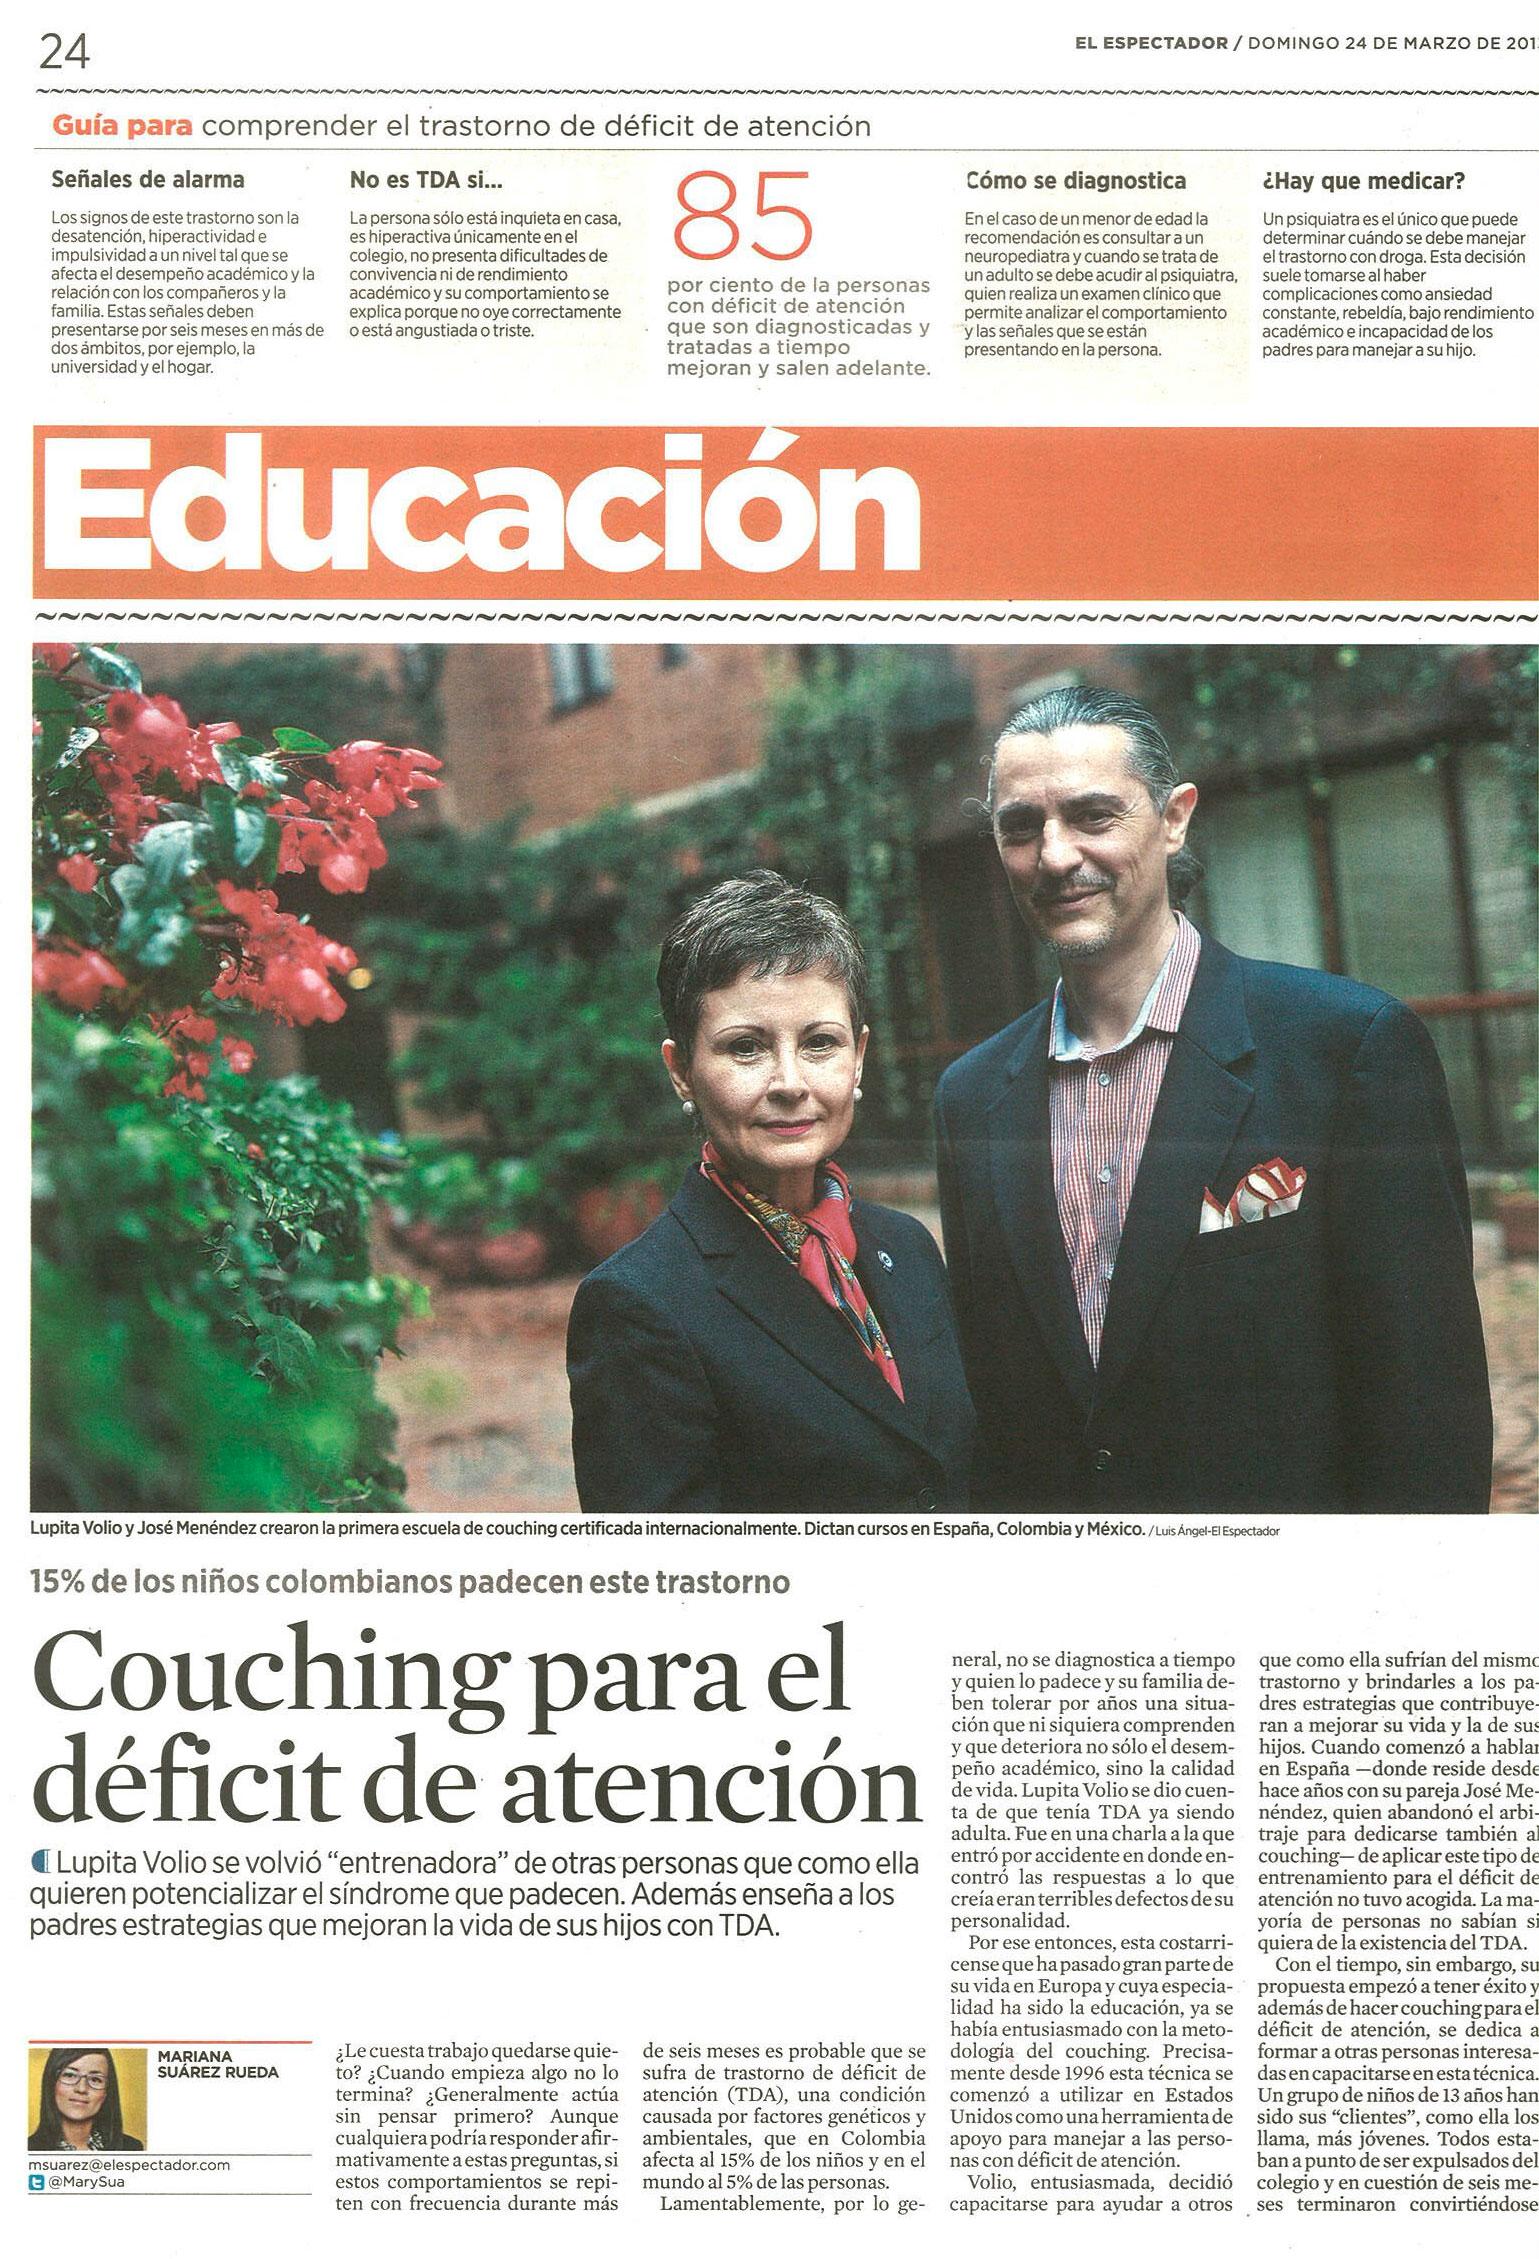 Entrevista 24 de Marzo El Espectador Coaching para el déficit de atención